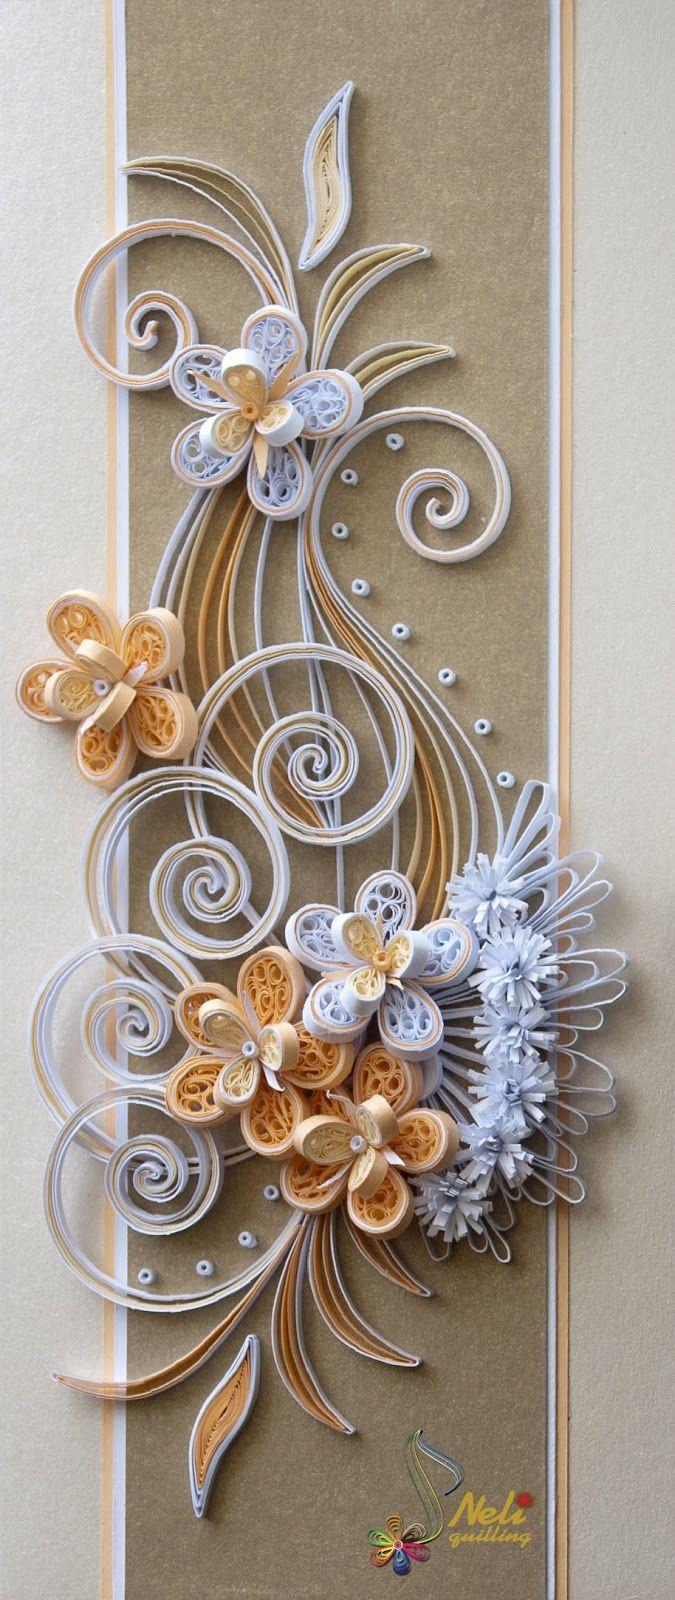 Neli Quilling Art: Август 2013